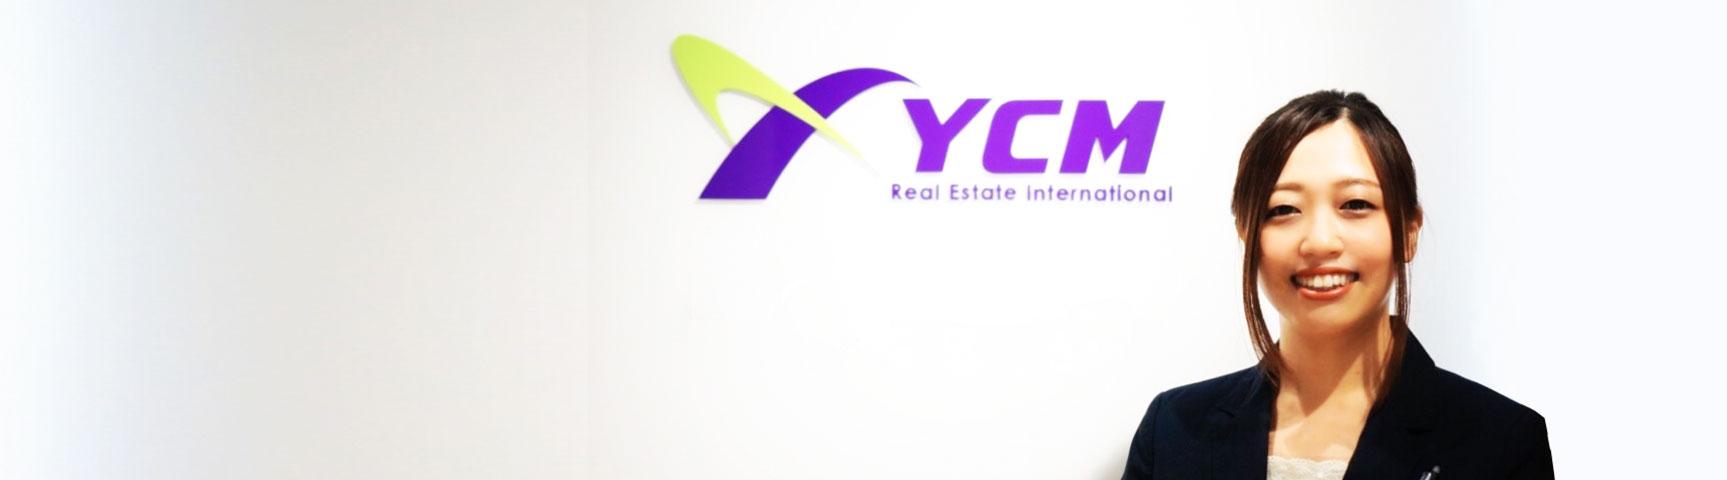 株式会社YCMリアルエステートインターナショナルの導入事例メイン